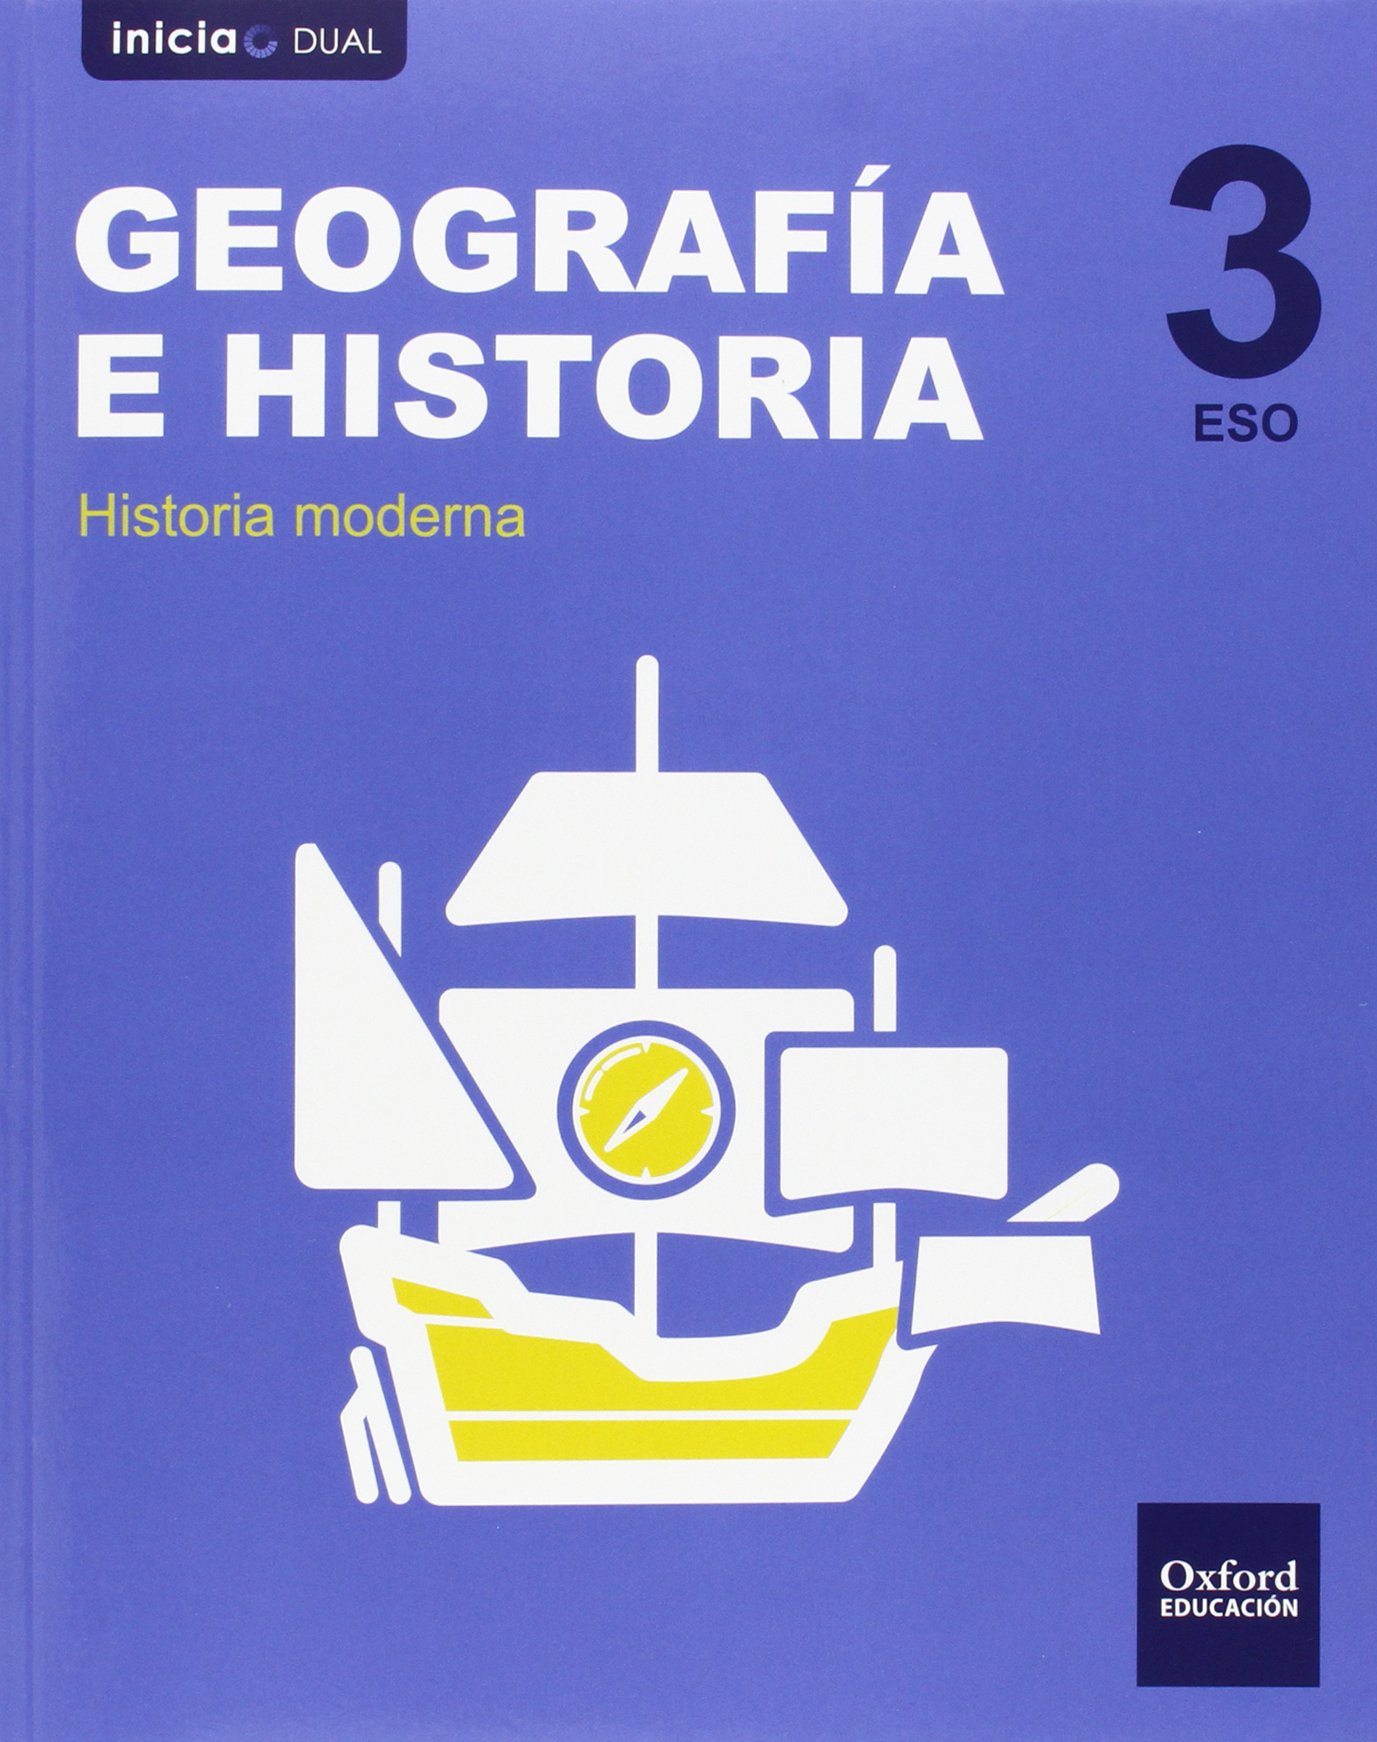 Geografía E Historia. Libro Del Alumno. ESO 3 Inicia Dual - 9788467399073: Amazon.es: Varios Autores: Libros